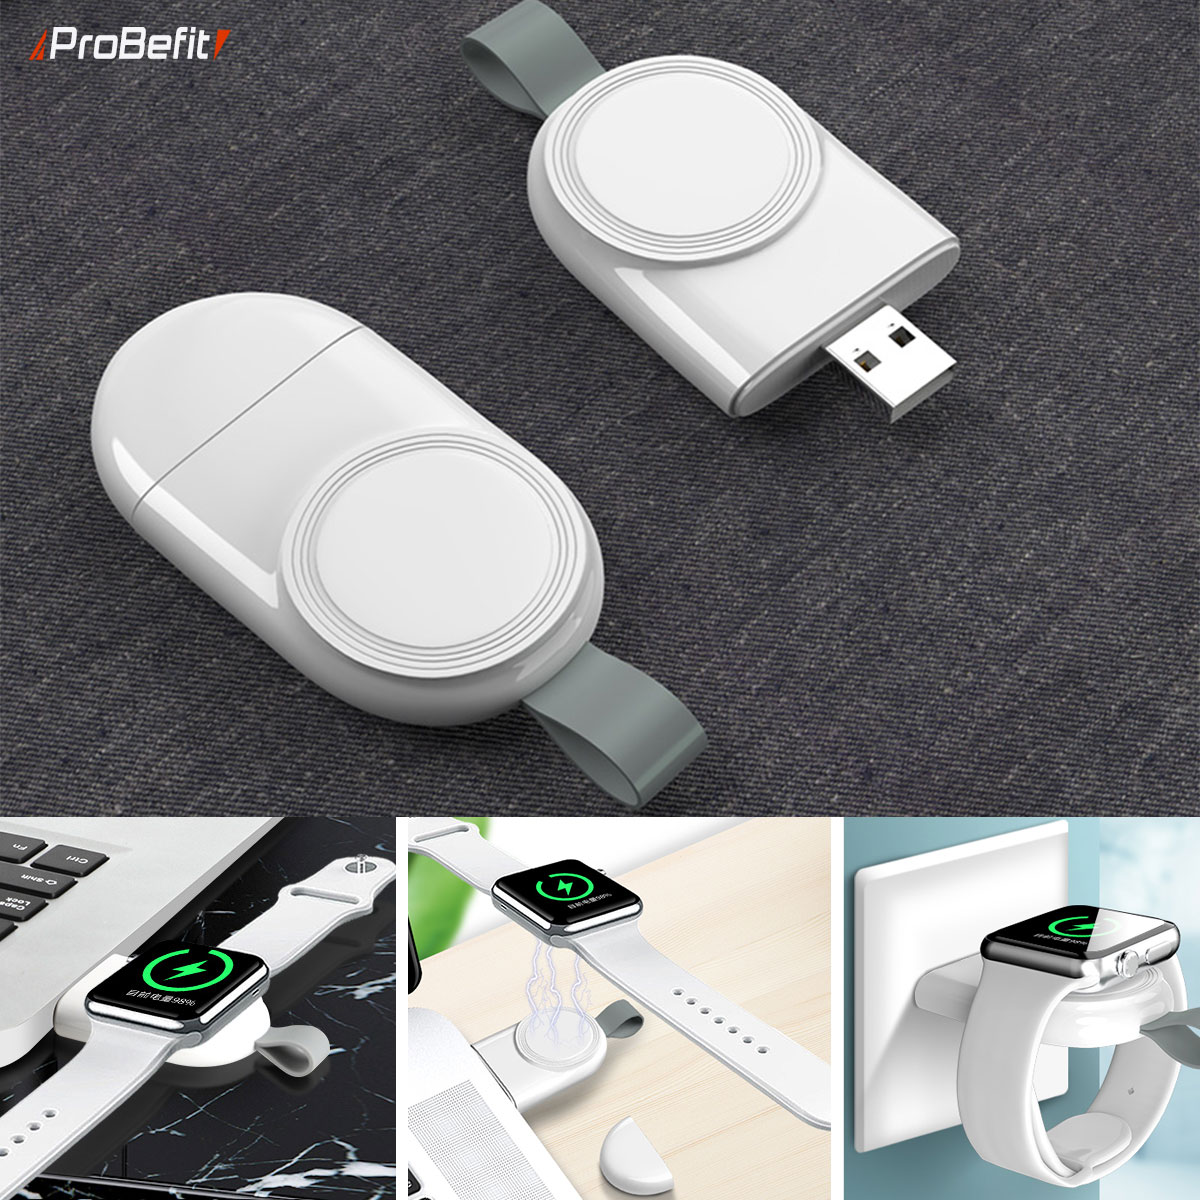 Tragbare Drahtlose Ladegerät für IWatch 5 4 Lade Dock Station USB Ladegerät Kabel für Apple Uhr Serie 5 4 3 2 1